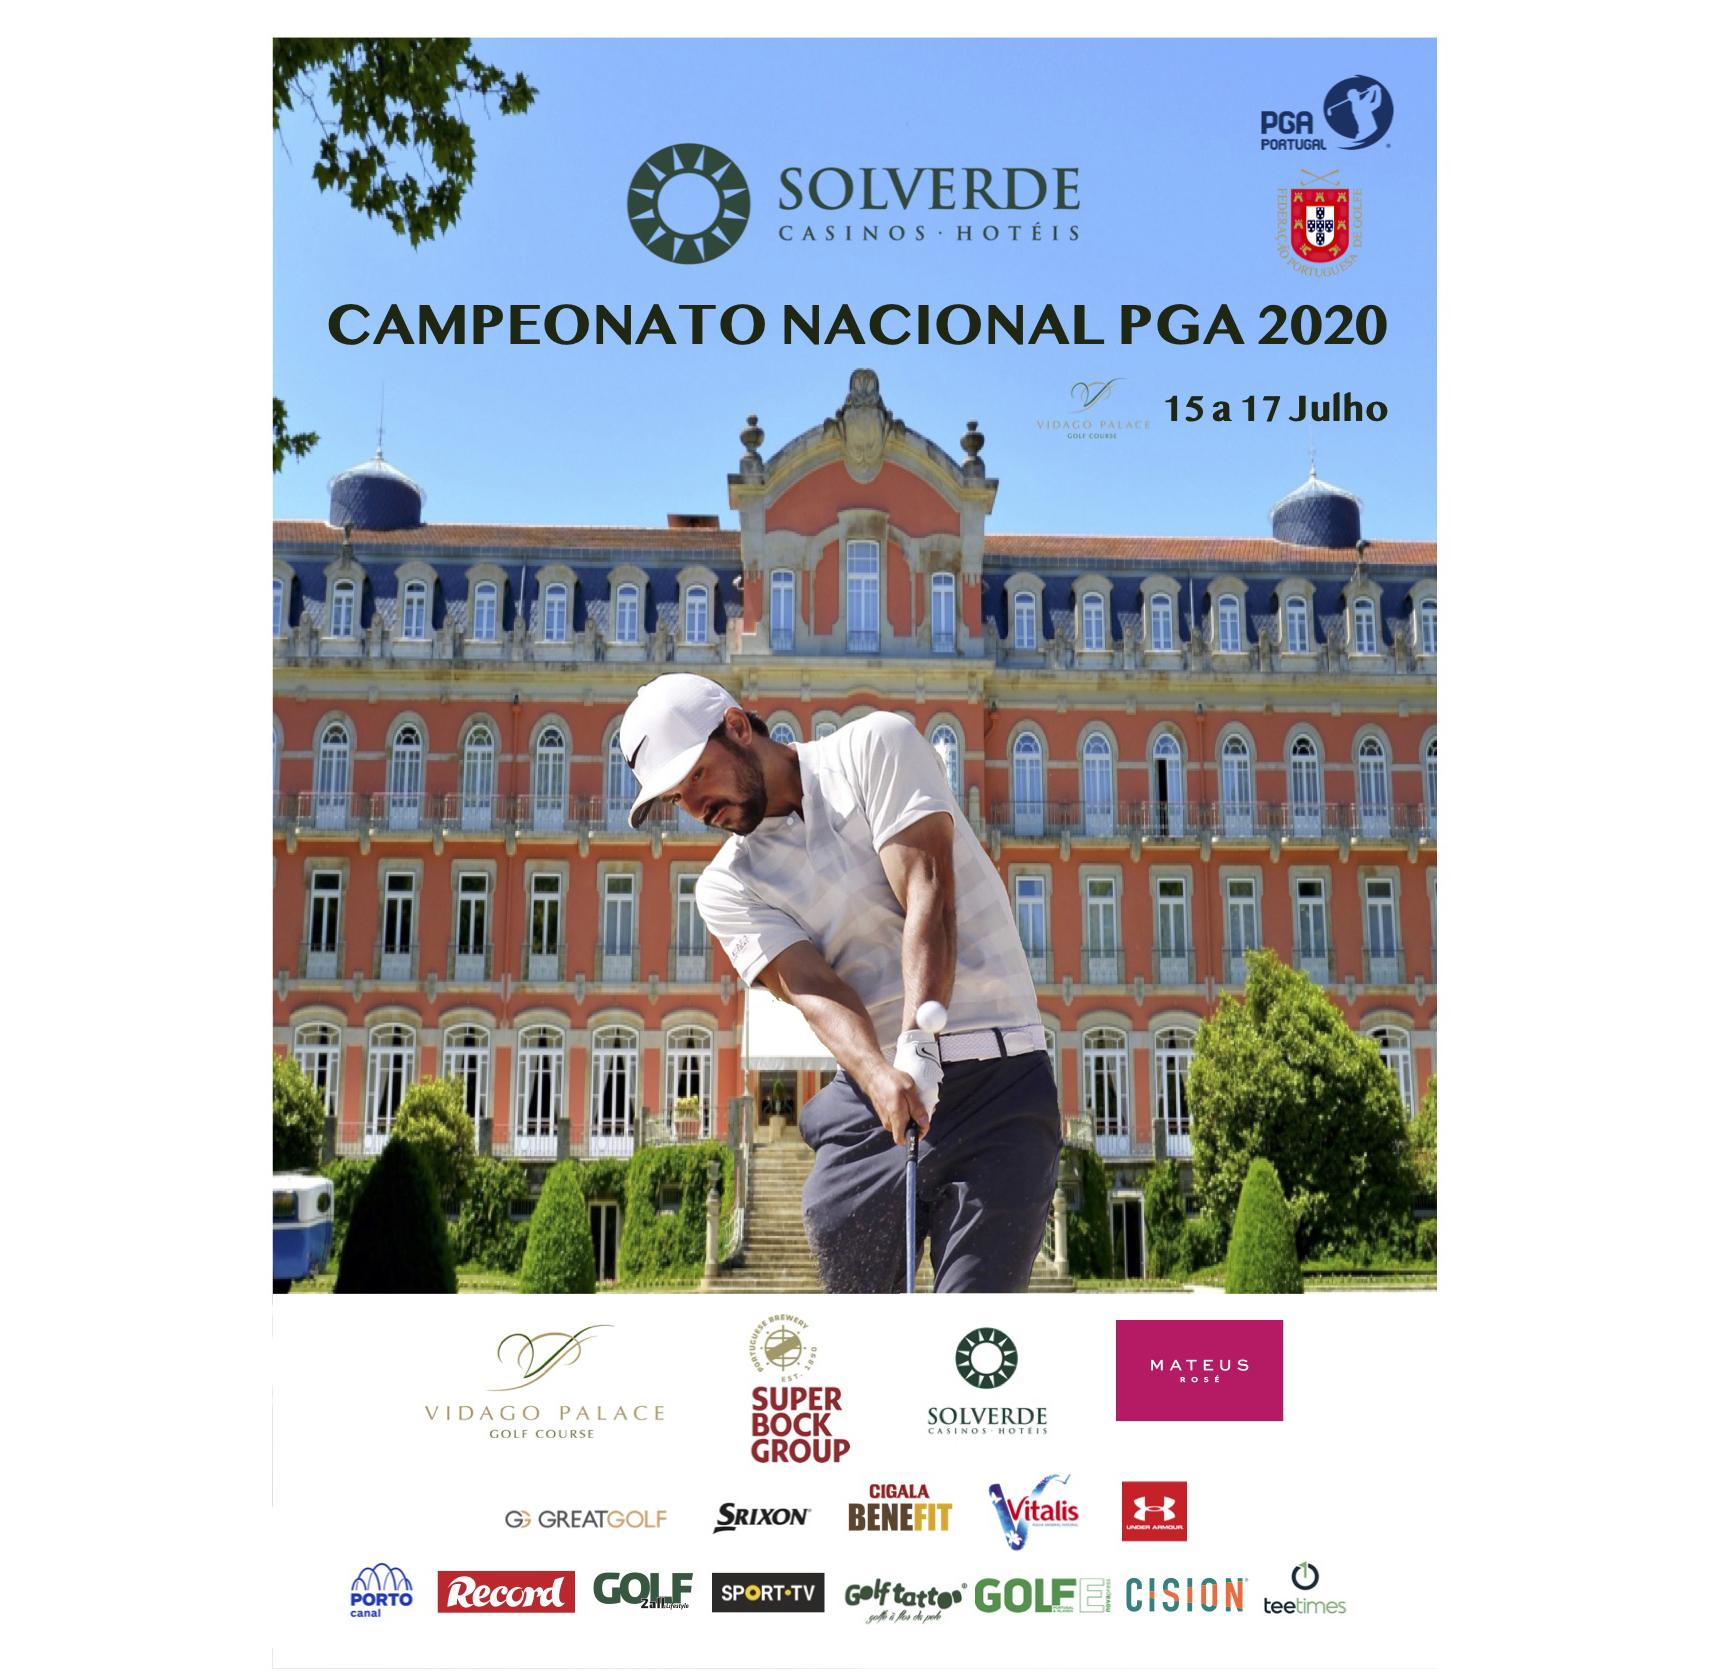 Solverde Campeonato Nacional PGA – VIDAGO PALACE GOLF COURSE ANFITRIÃO PELA PRIMEIRA VEZ